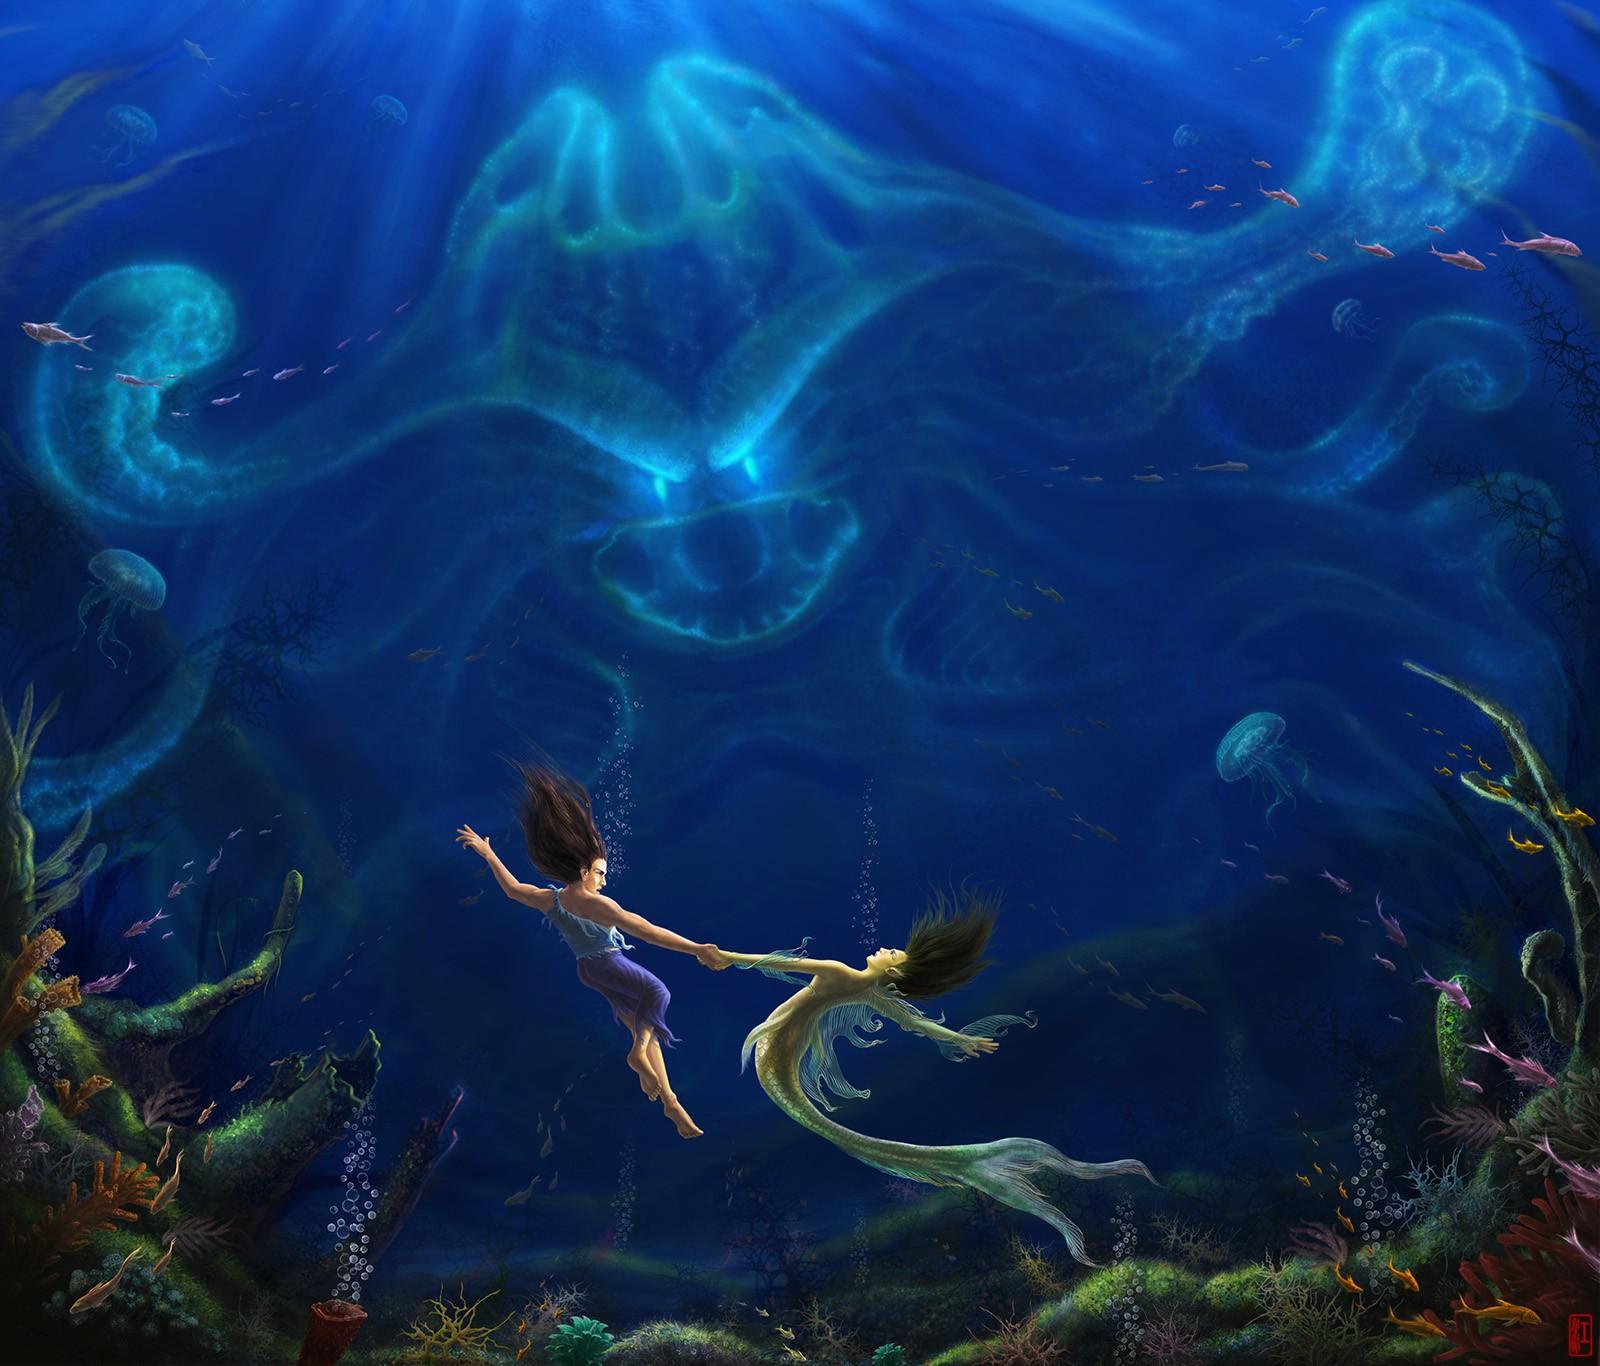 壁纸 海底 海底世界 海洋馆 水族馆 桌面 1600_1366